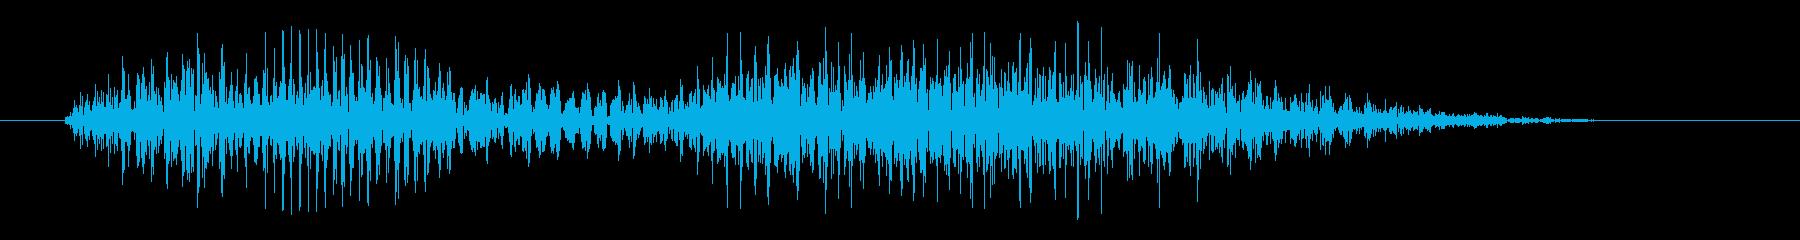 うぅっ!の再生済みの波形